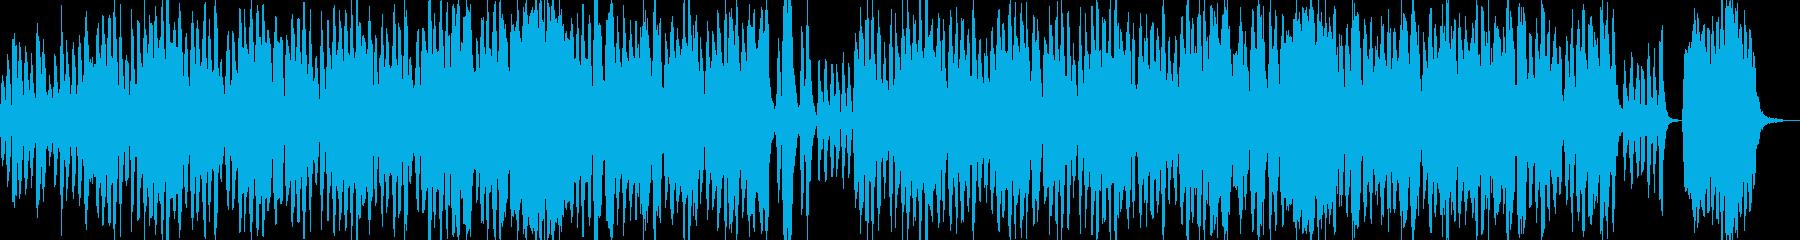 ほのぼの、フルート、ストリングスの再生済みの波形